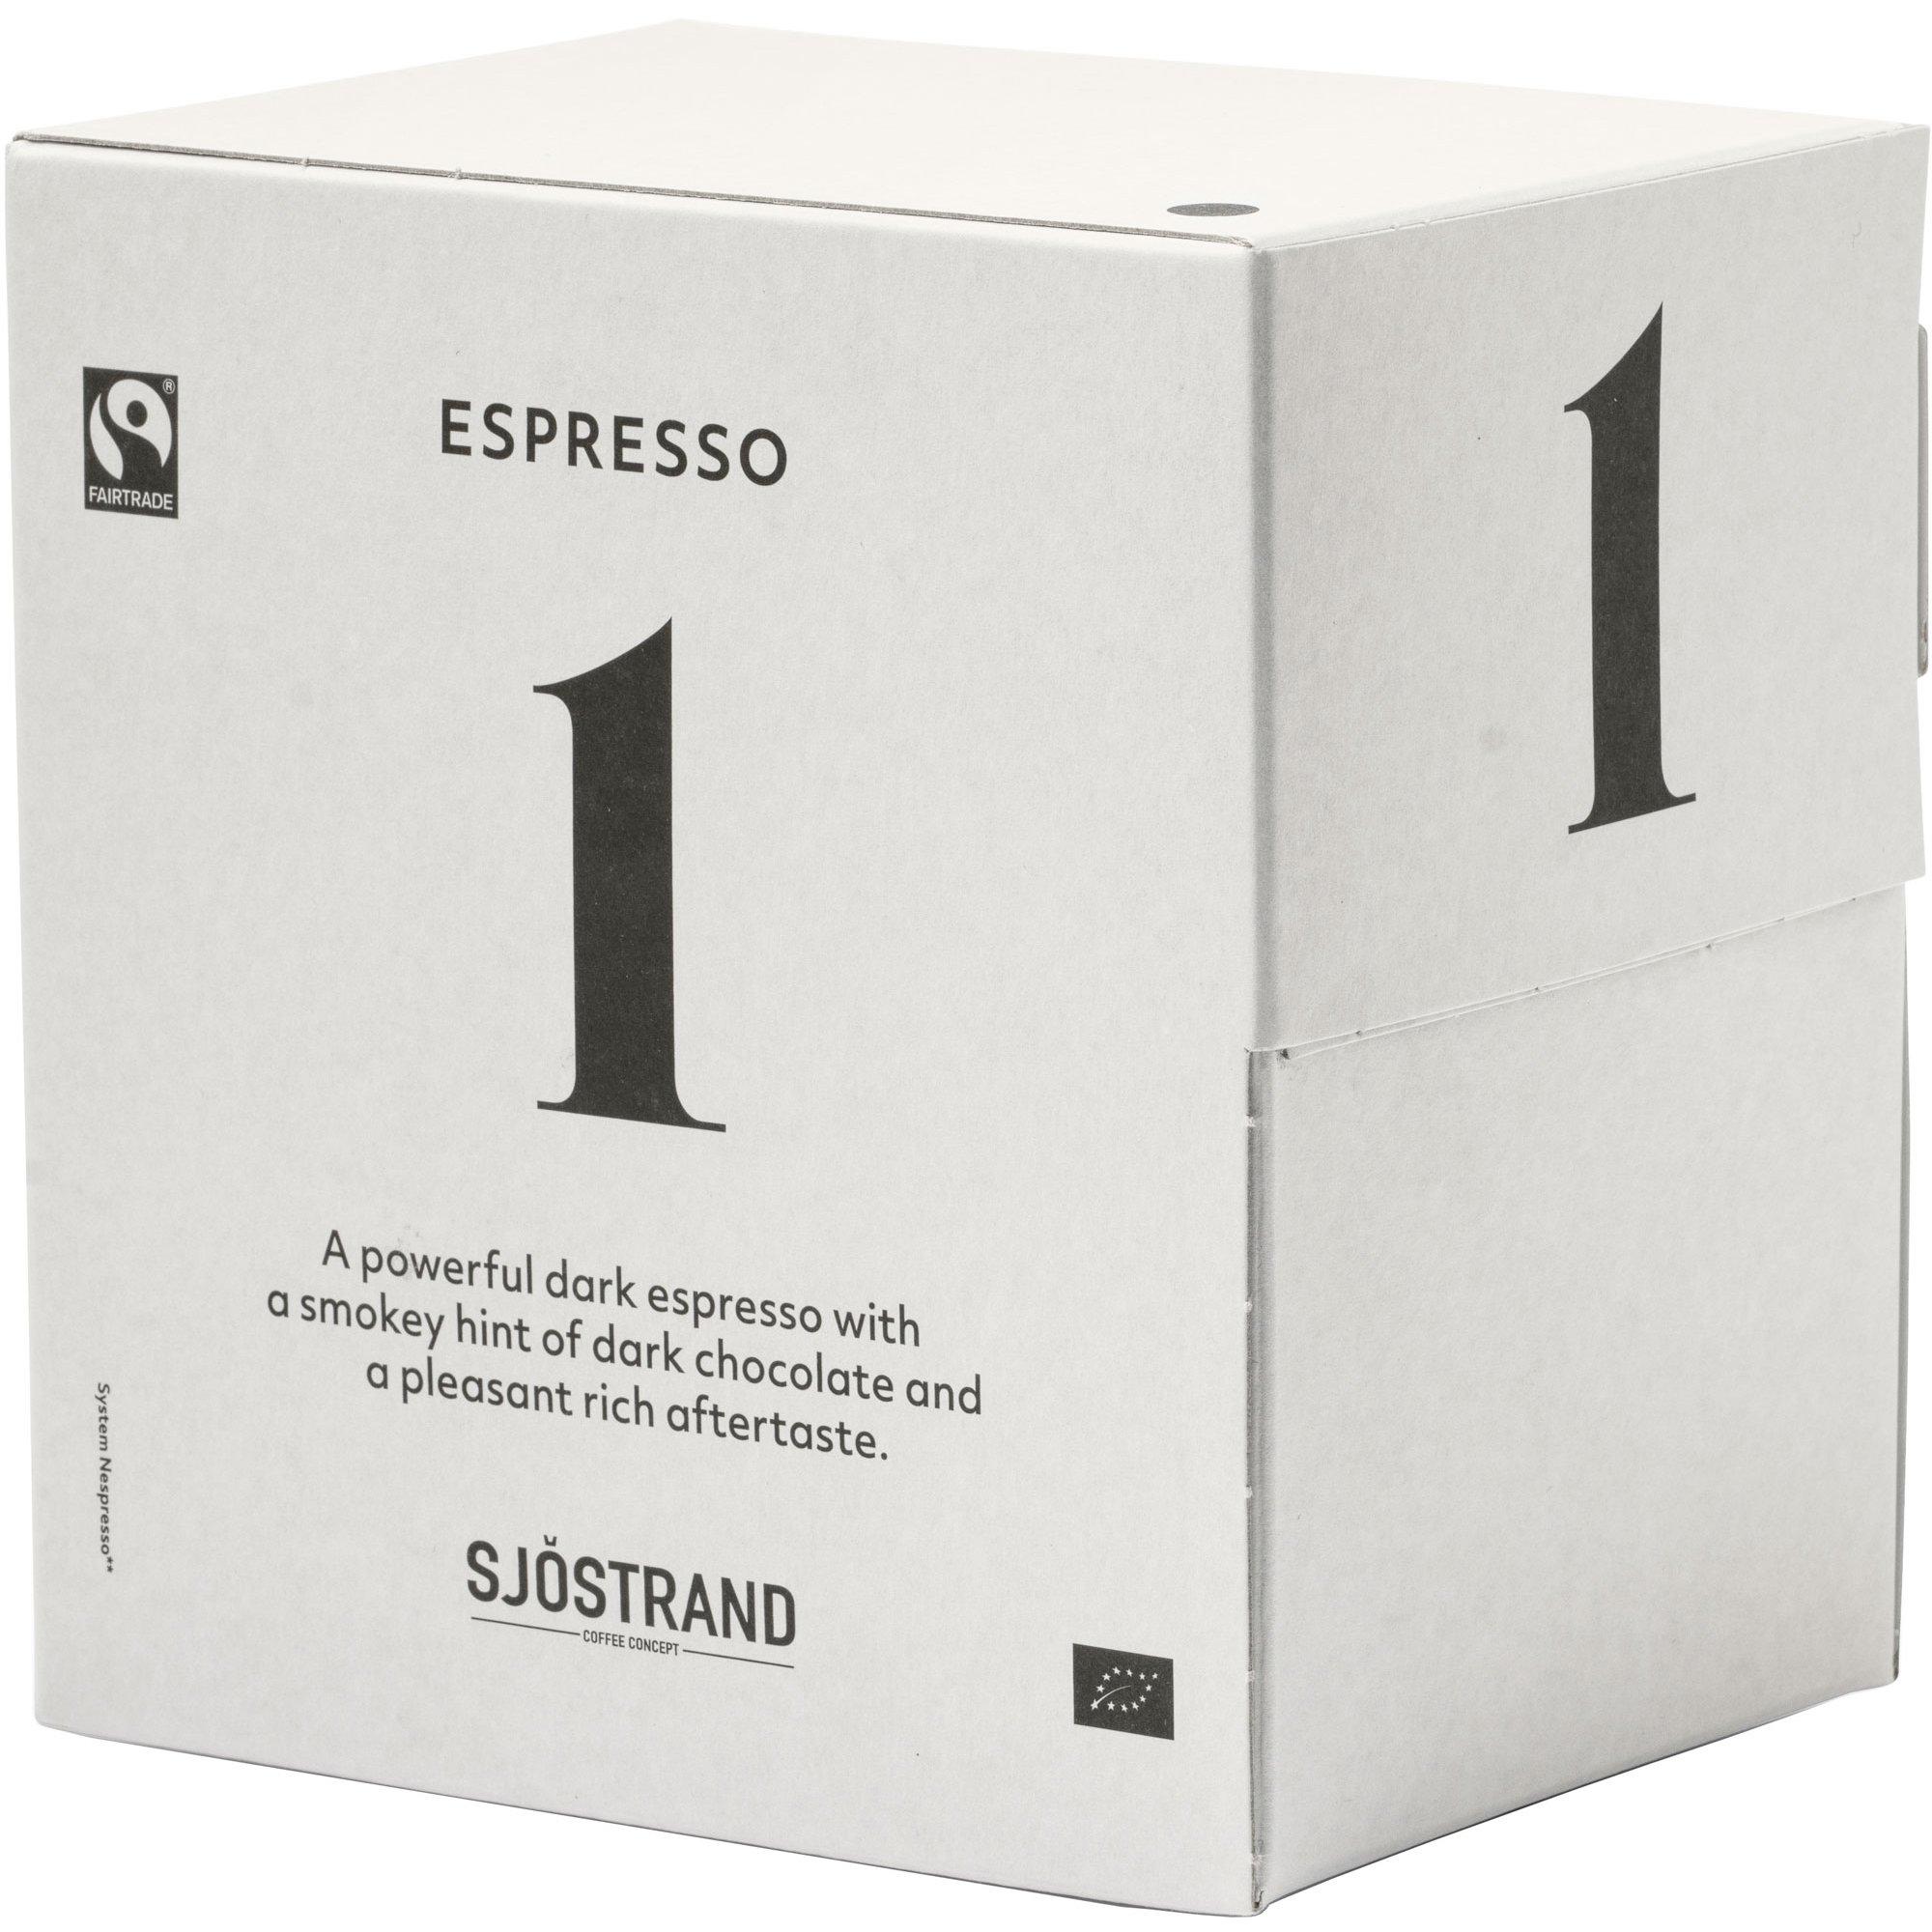 Sjöstrand Sjöstrand N°1 Espresso Kaplsar, 100-pack